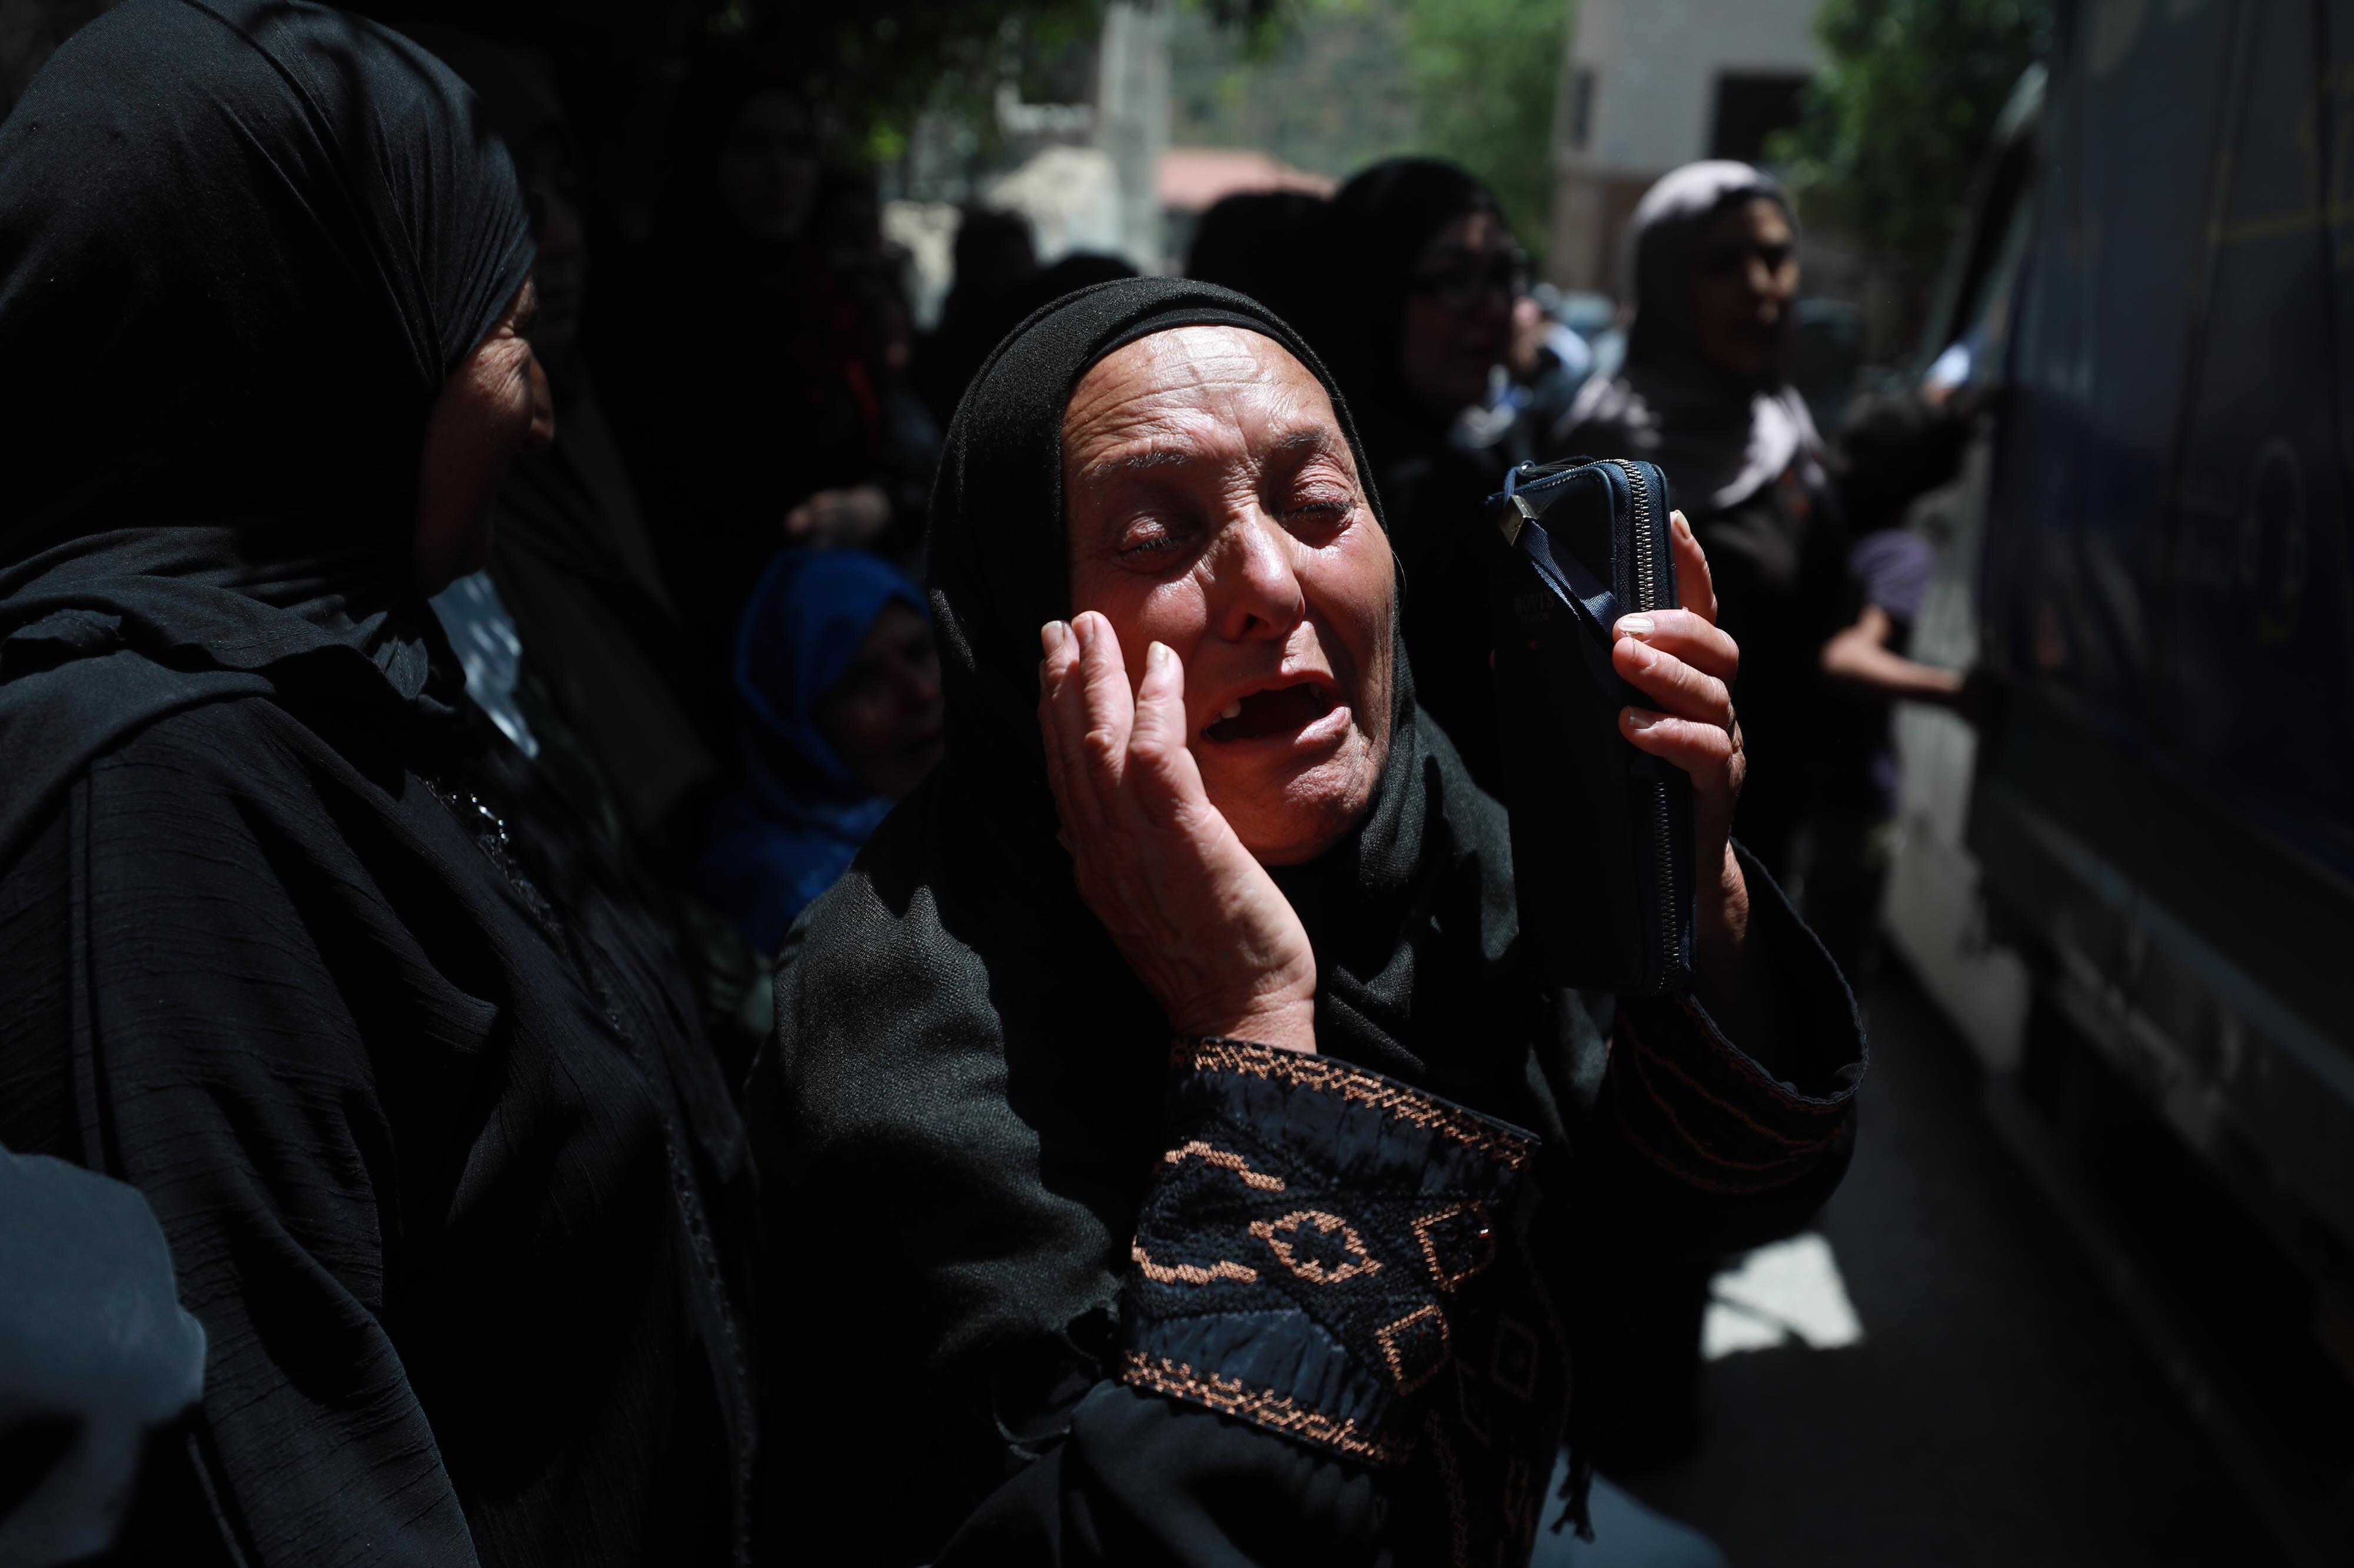 Gazze'de İsrail'in hava saldırıları nedeniyle 53 kişi şehit oldu.